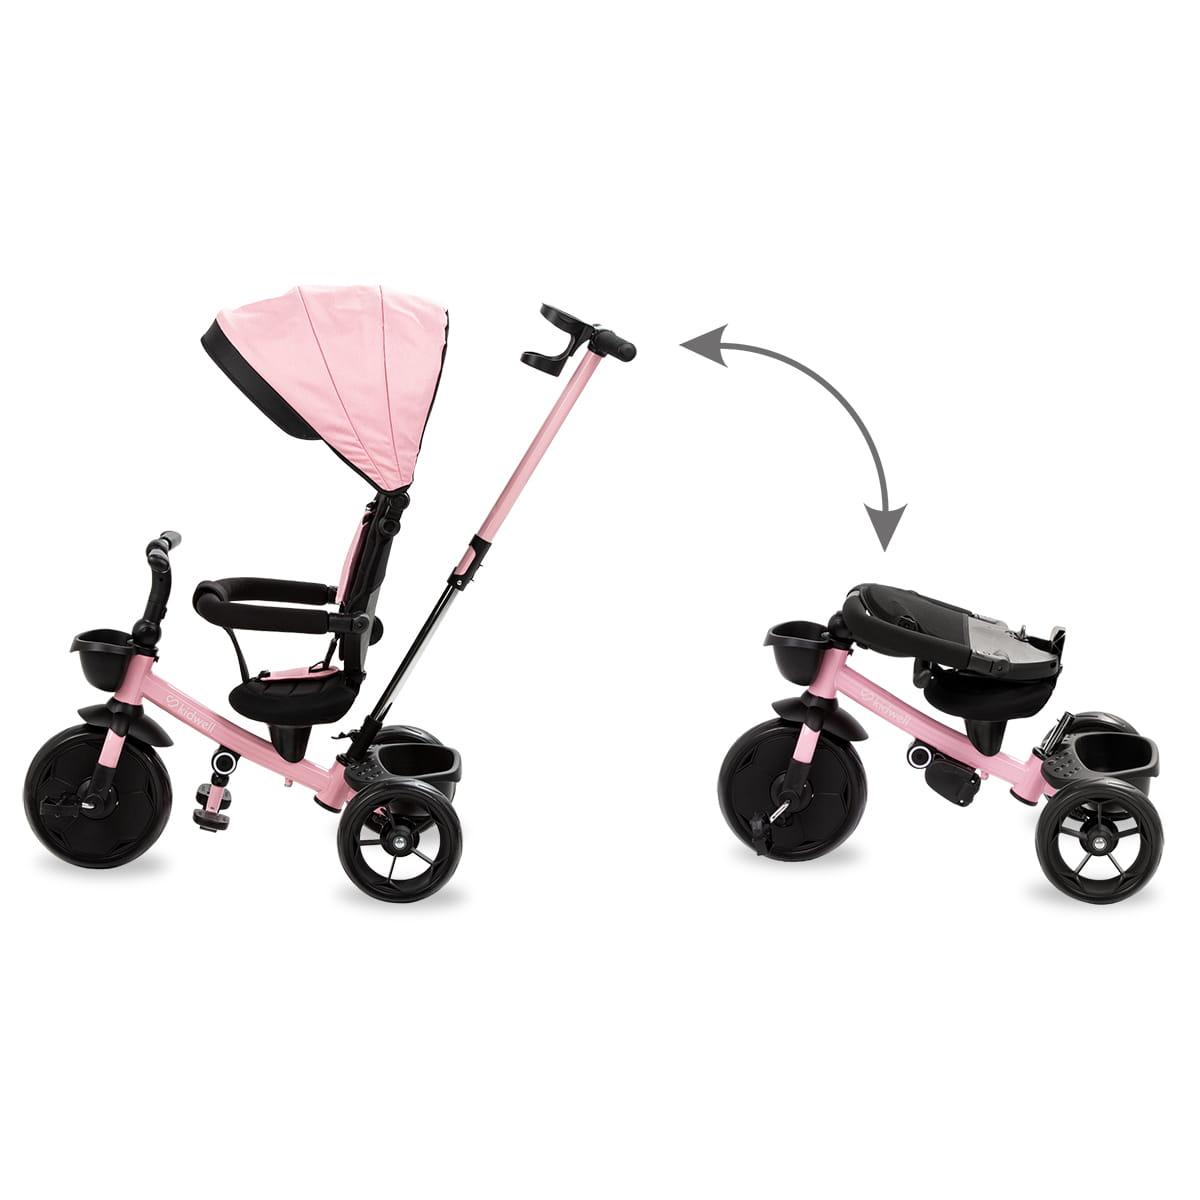 Rowerek-trojkolowy-AXEL-Charmy-Pink(13)37641